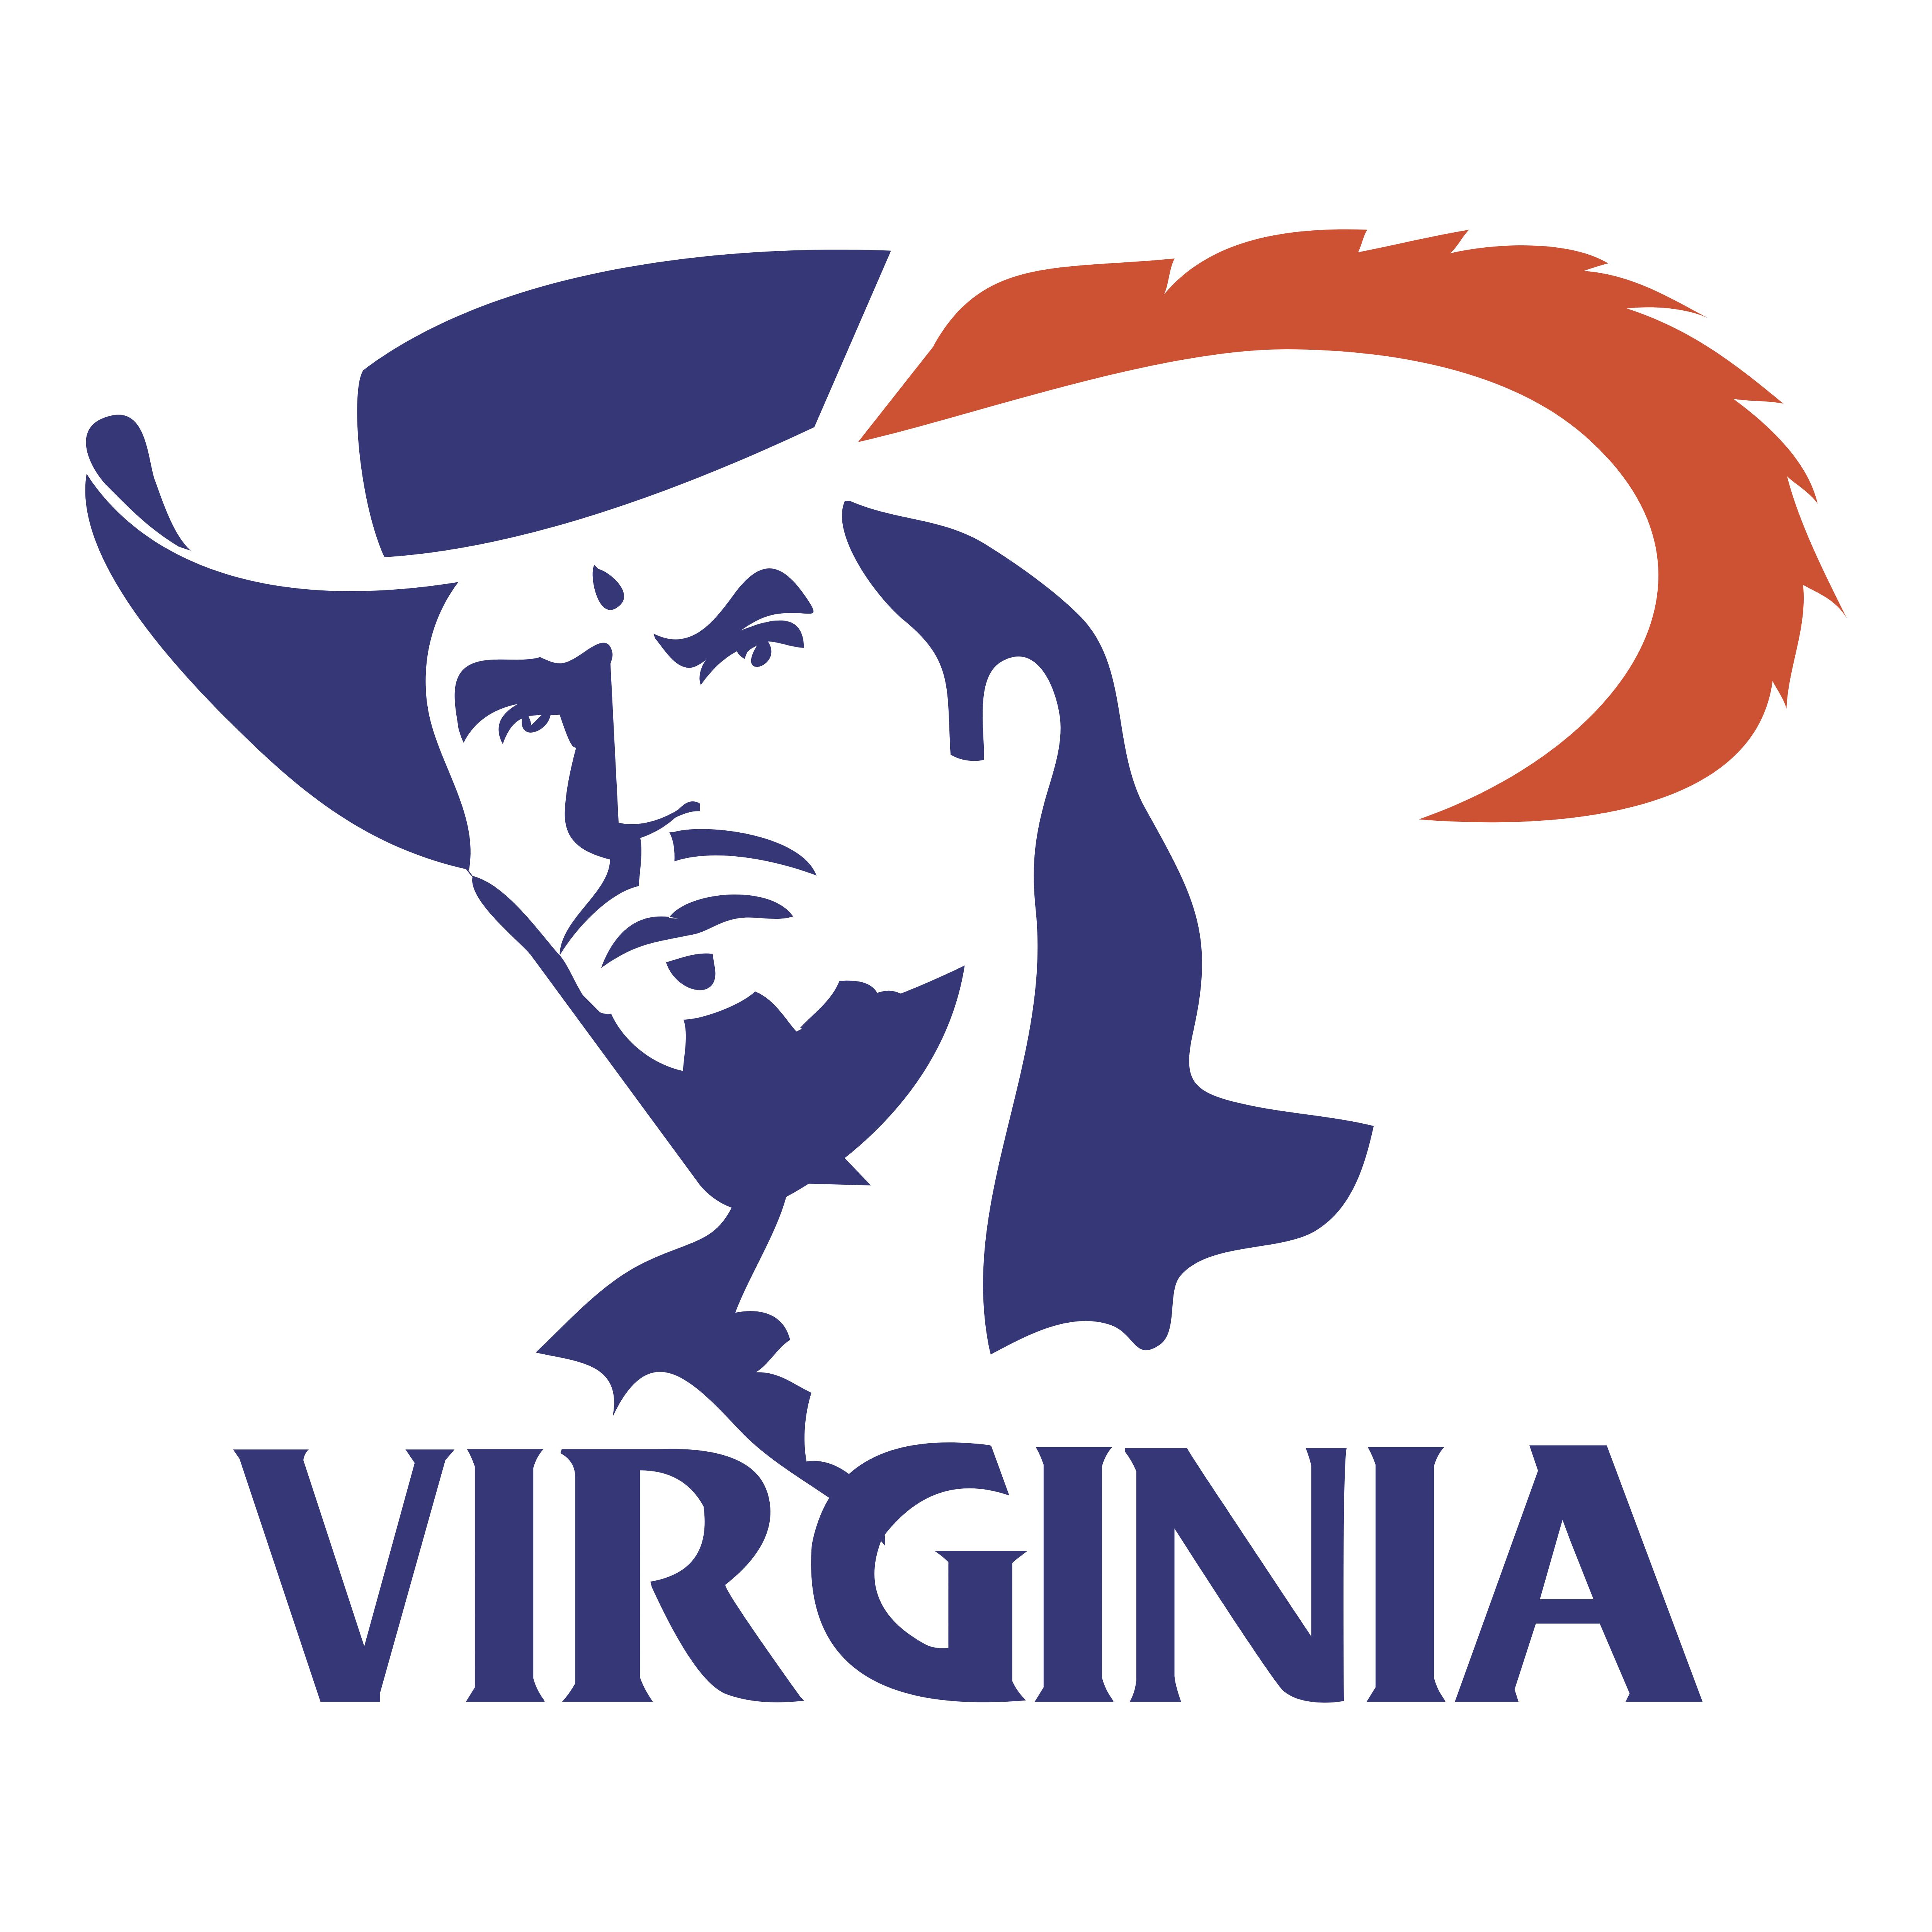 Virginia Cavaliers Logos Download